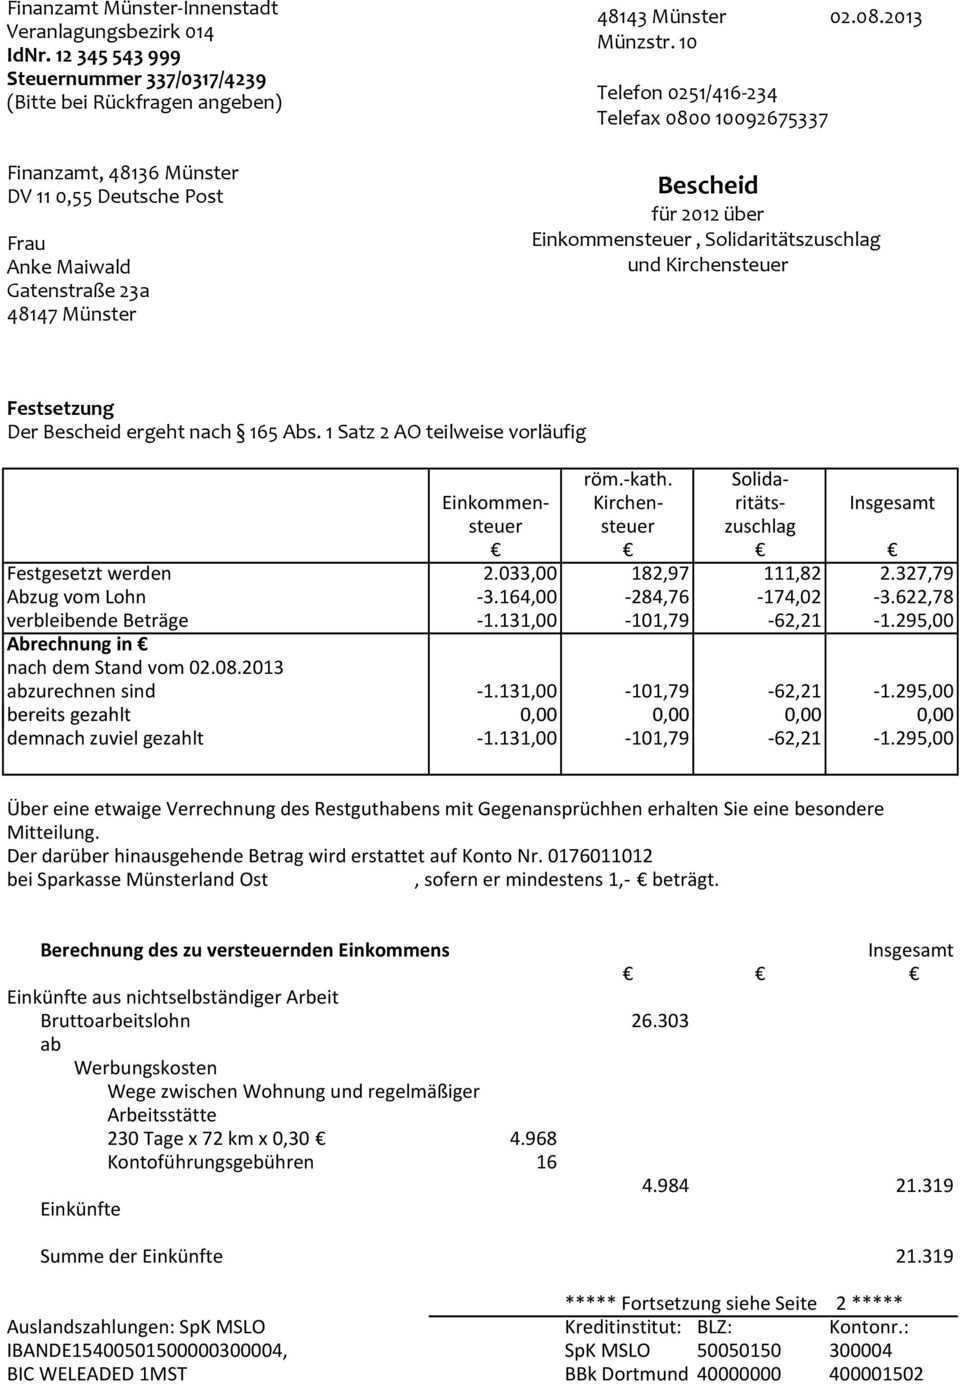 Mandantenstammblatt Steuerpflichtige Person Pdf Free Download